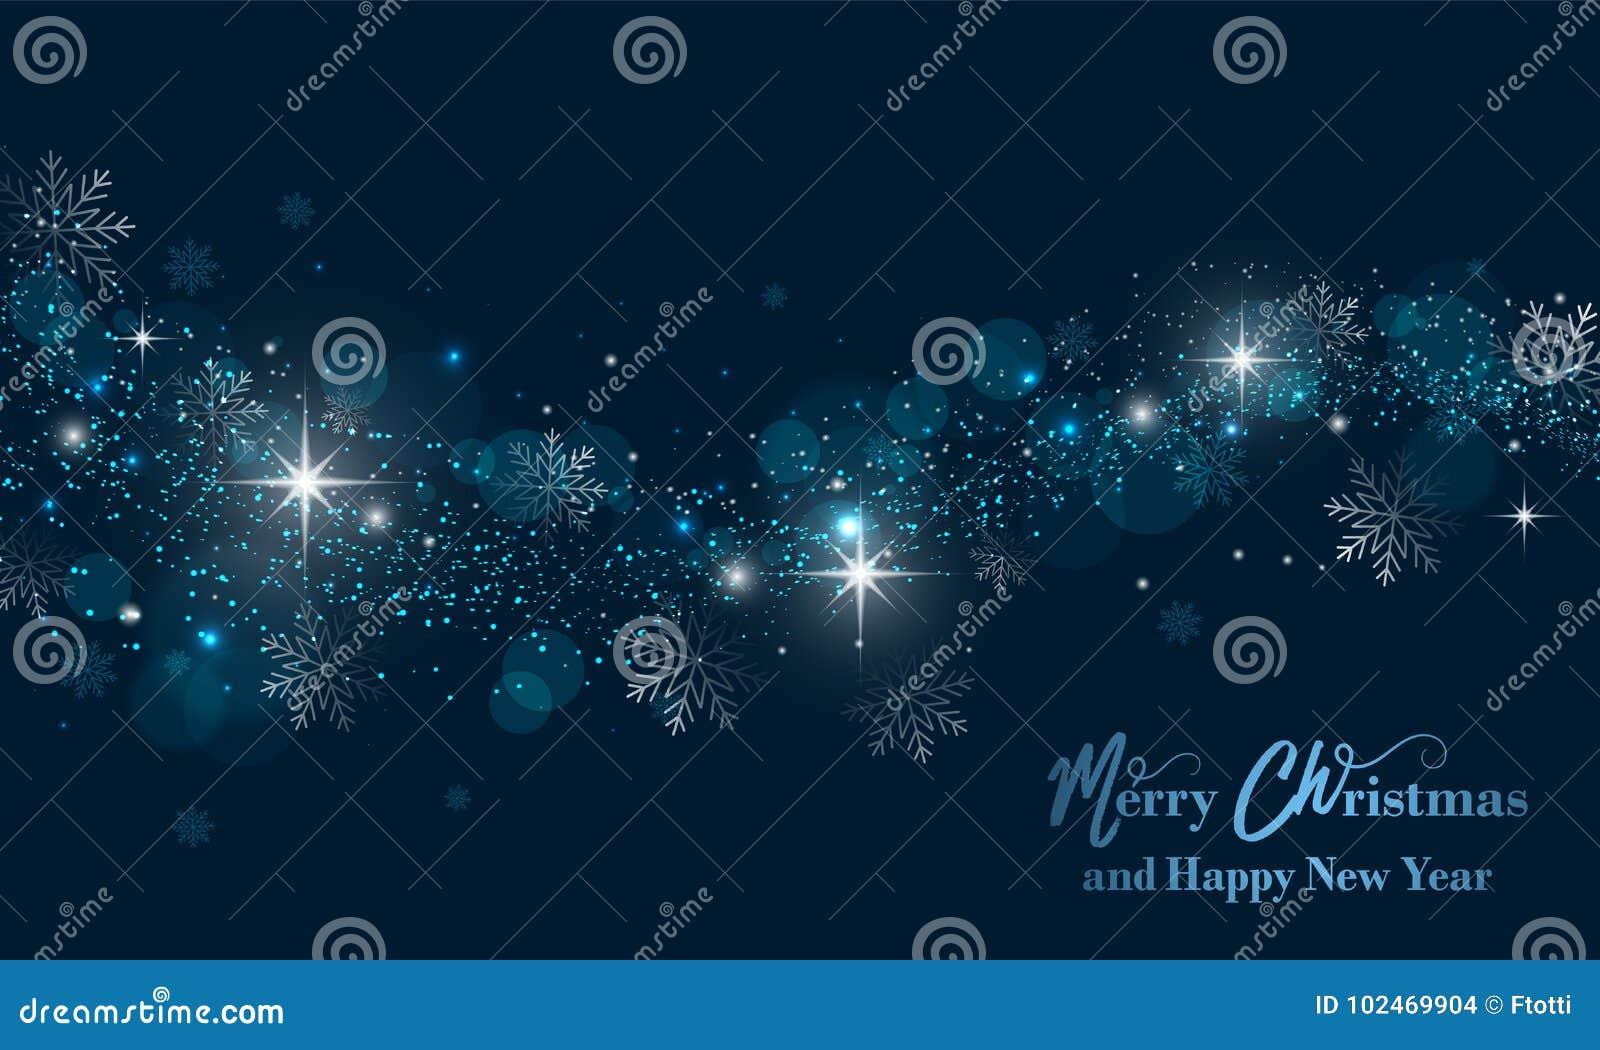 С Рождеством Христовым и счастливое знамя Нового Года с звездами, ярким блеском и снежинками Предпосылка вектора